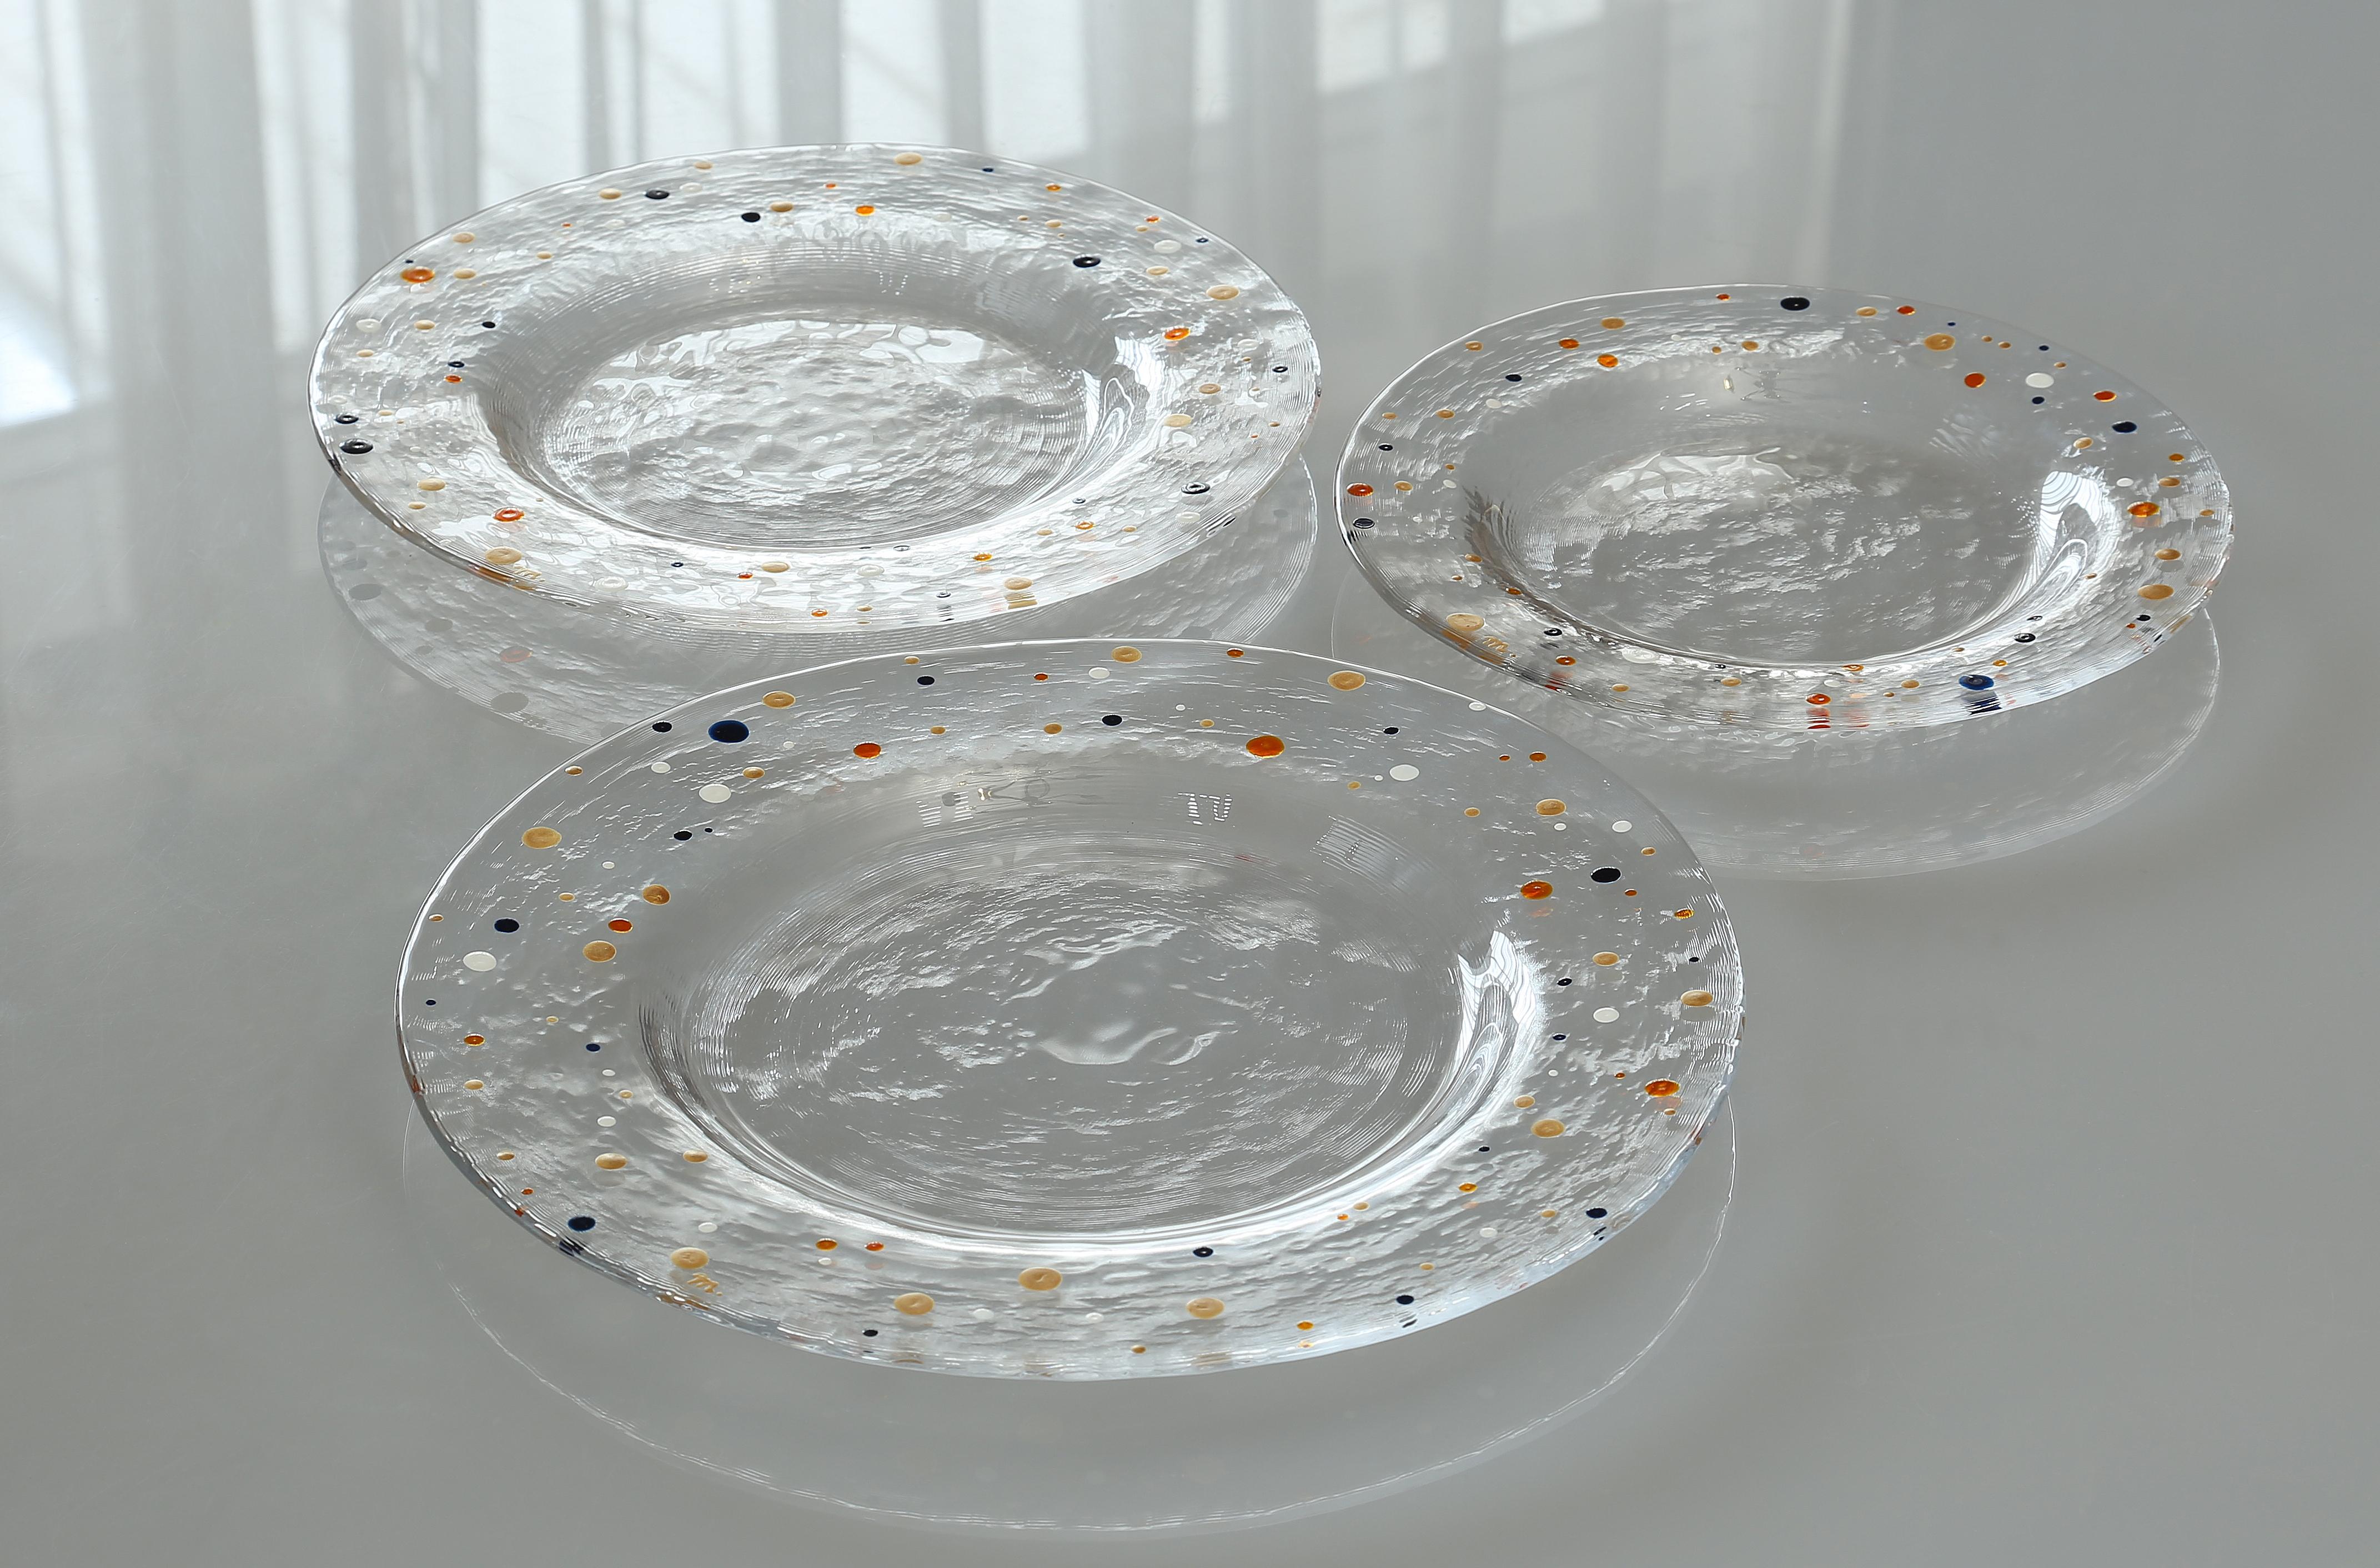 ドット多色皿 - コピー